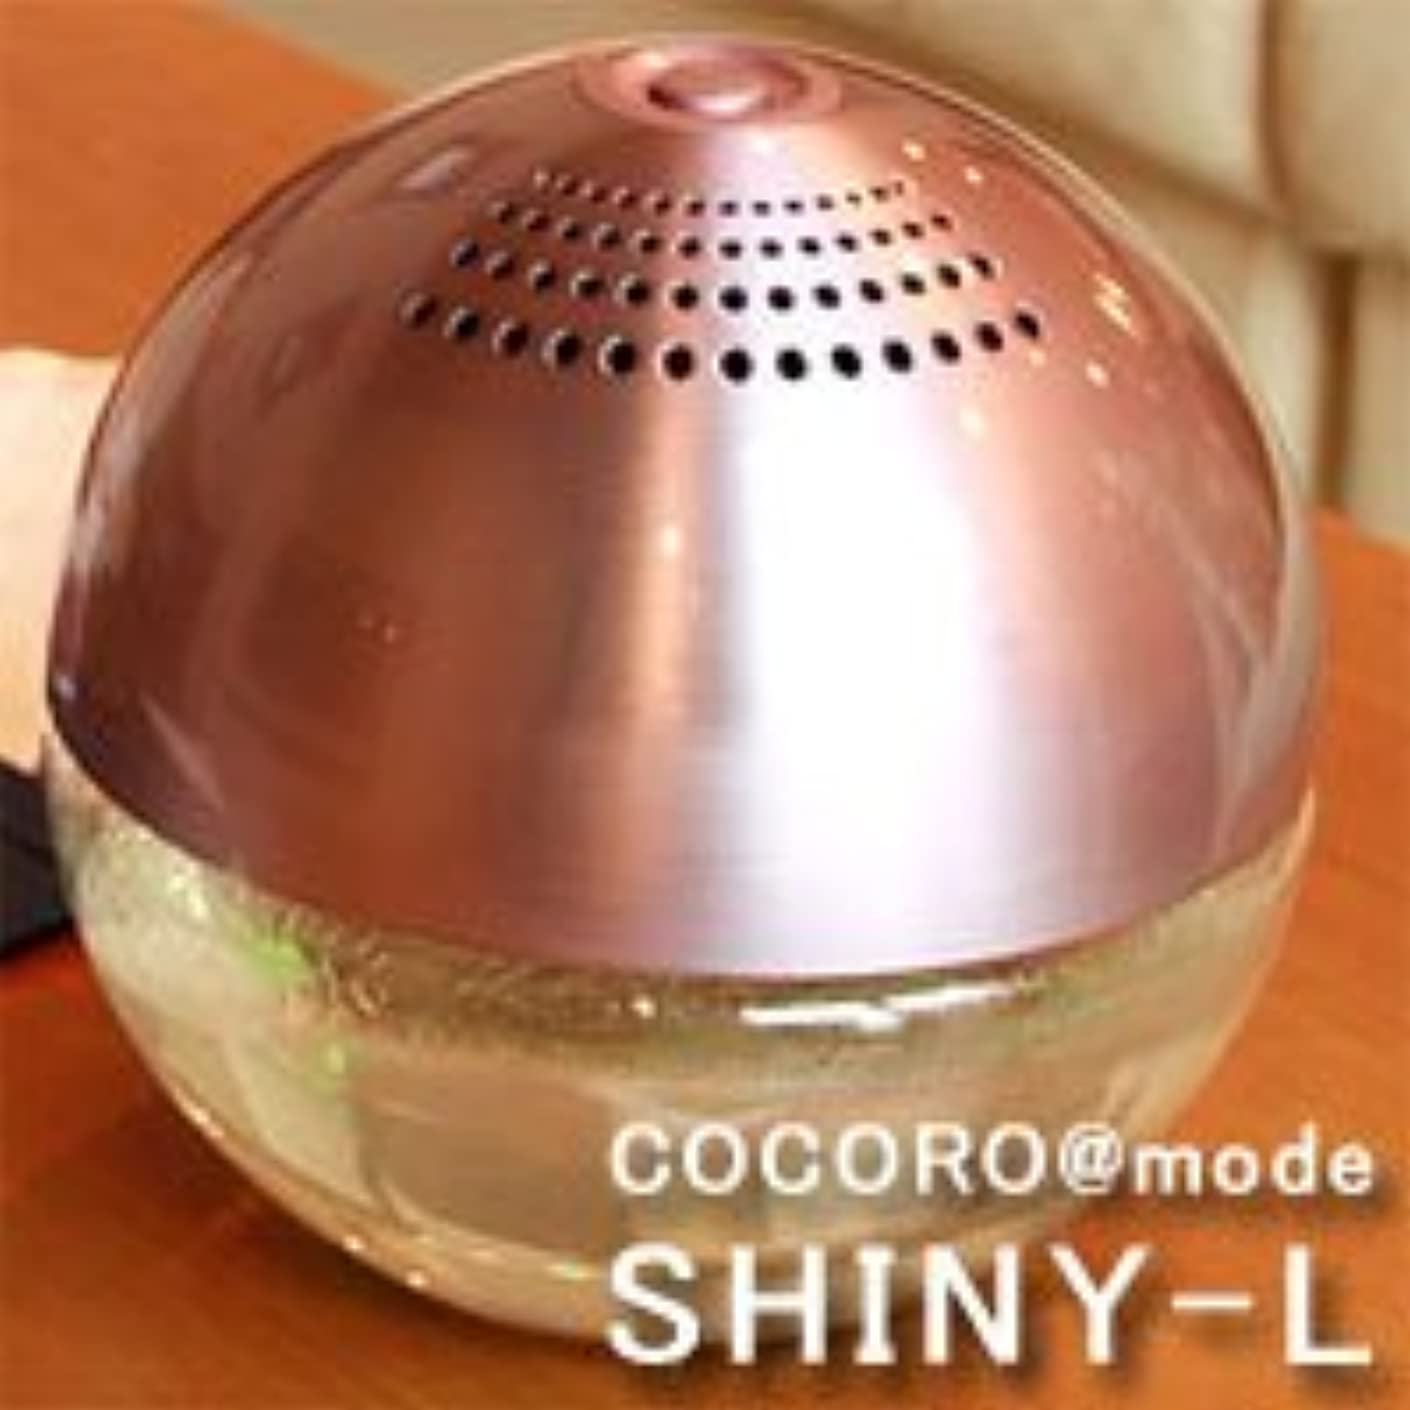 アミューズメントイタリアのスタッフCOCORO mode(ココロモード) 空気清浄機 シャイミー(旧名シャイニー) Lサイズ 約19×20×20cm (アロマソリューション10ml×3本付) ゴールド